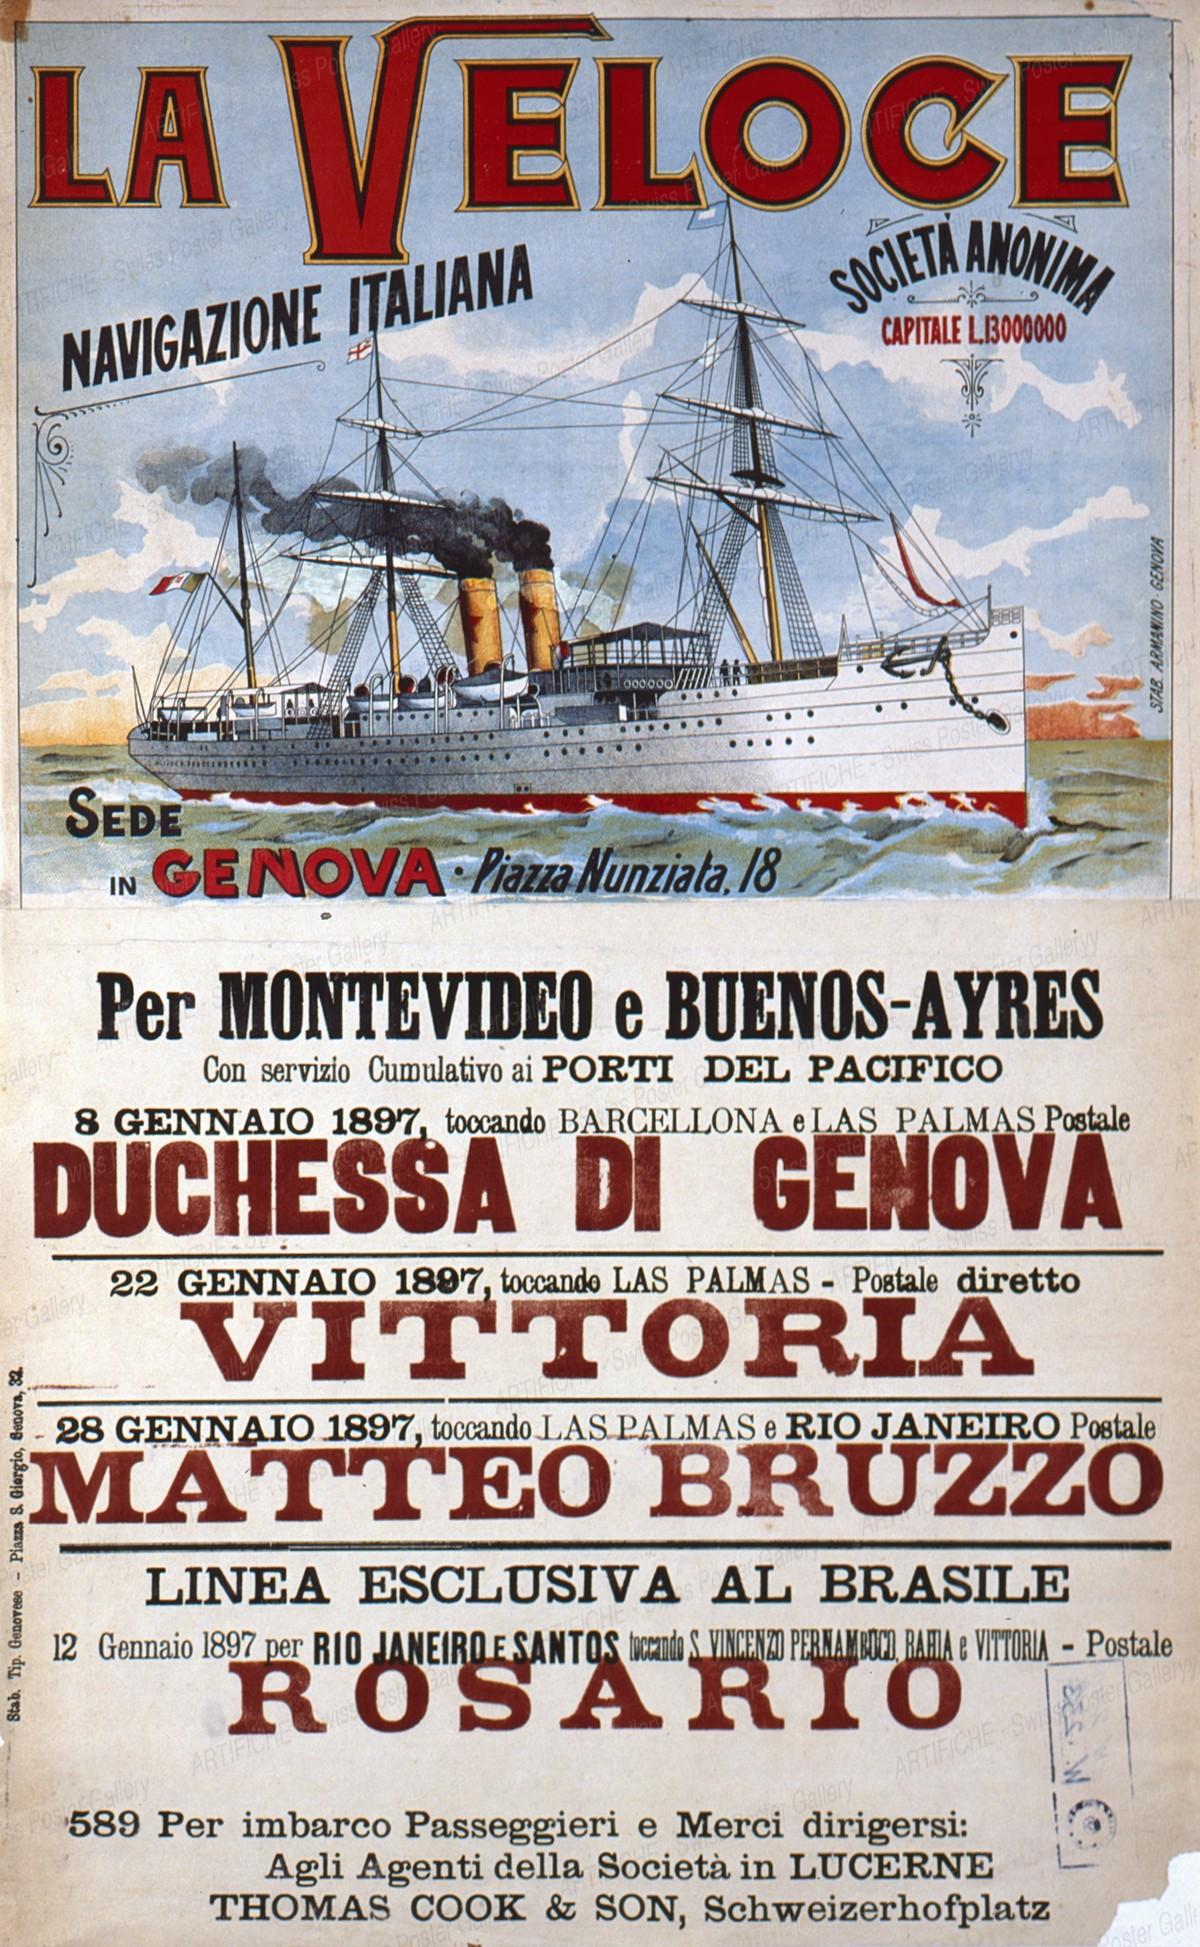 La Veloce – Navigazione Italiana – per Montevideo e Buenos-Ayres, Artist unknown